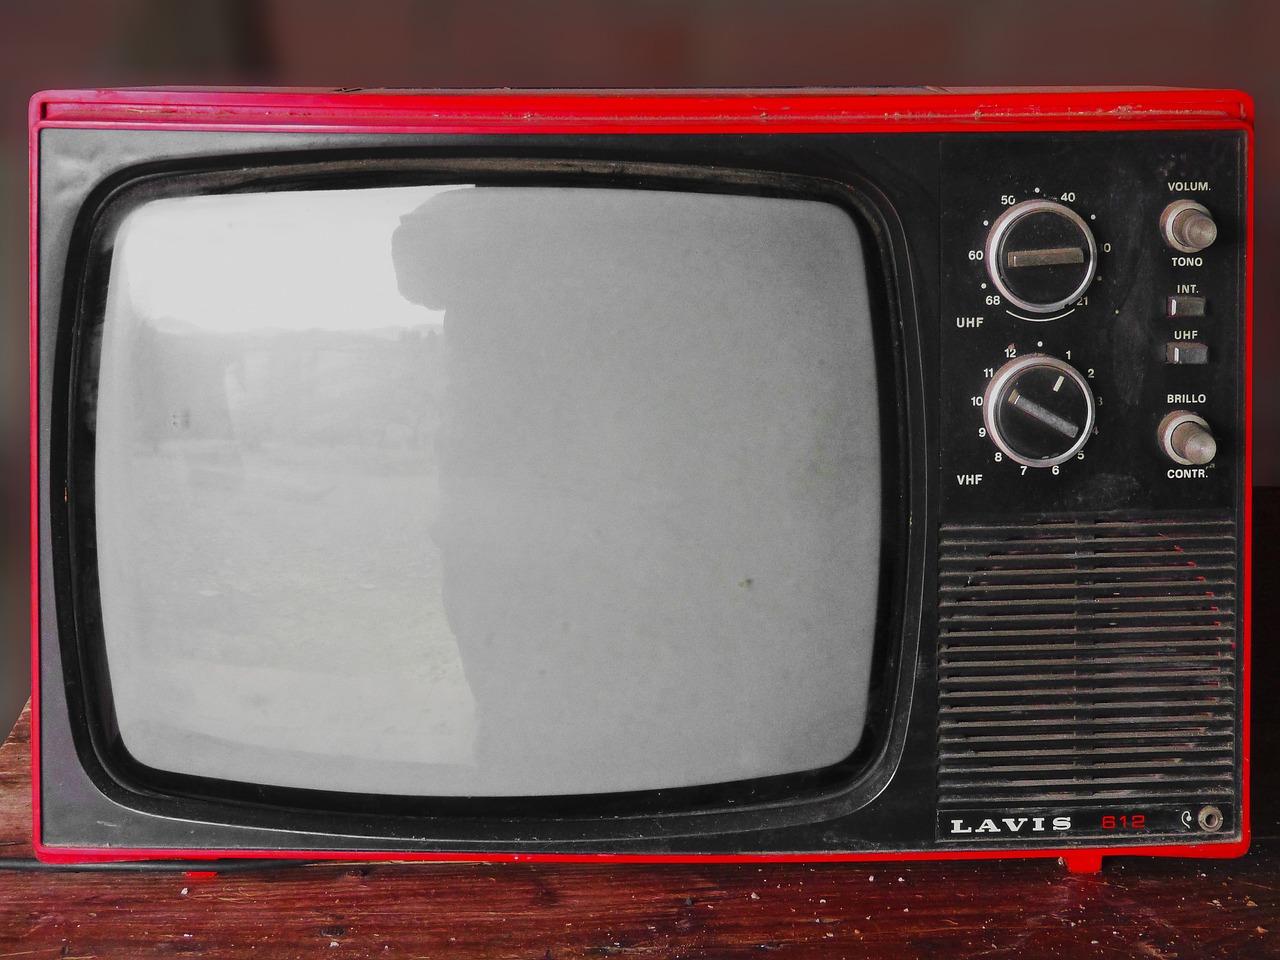 старый, телевизор, винтаж